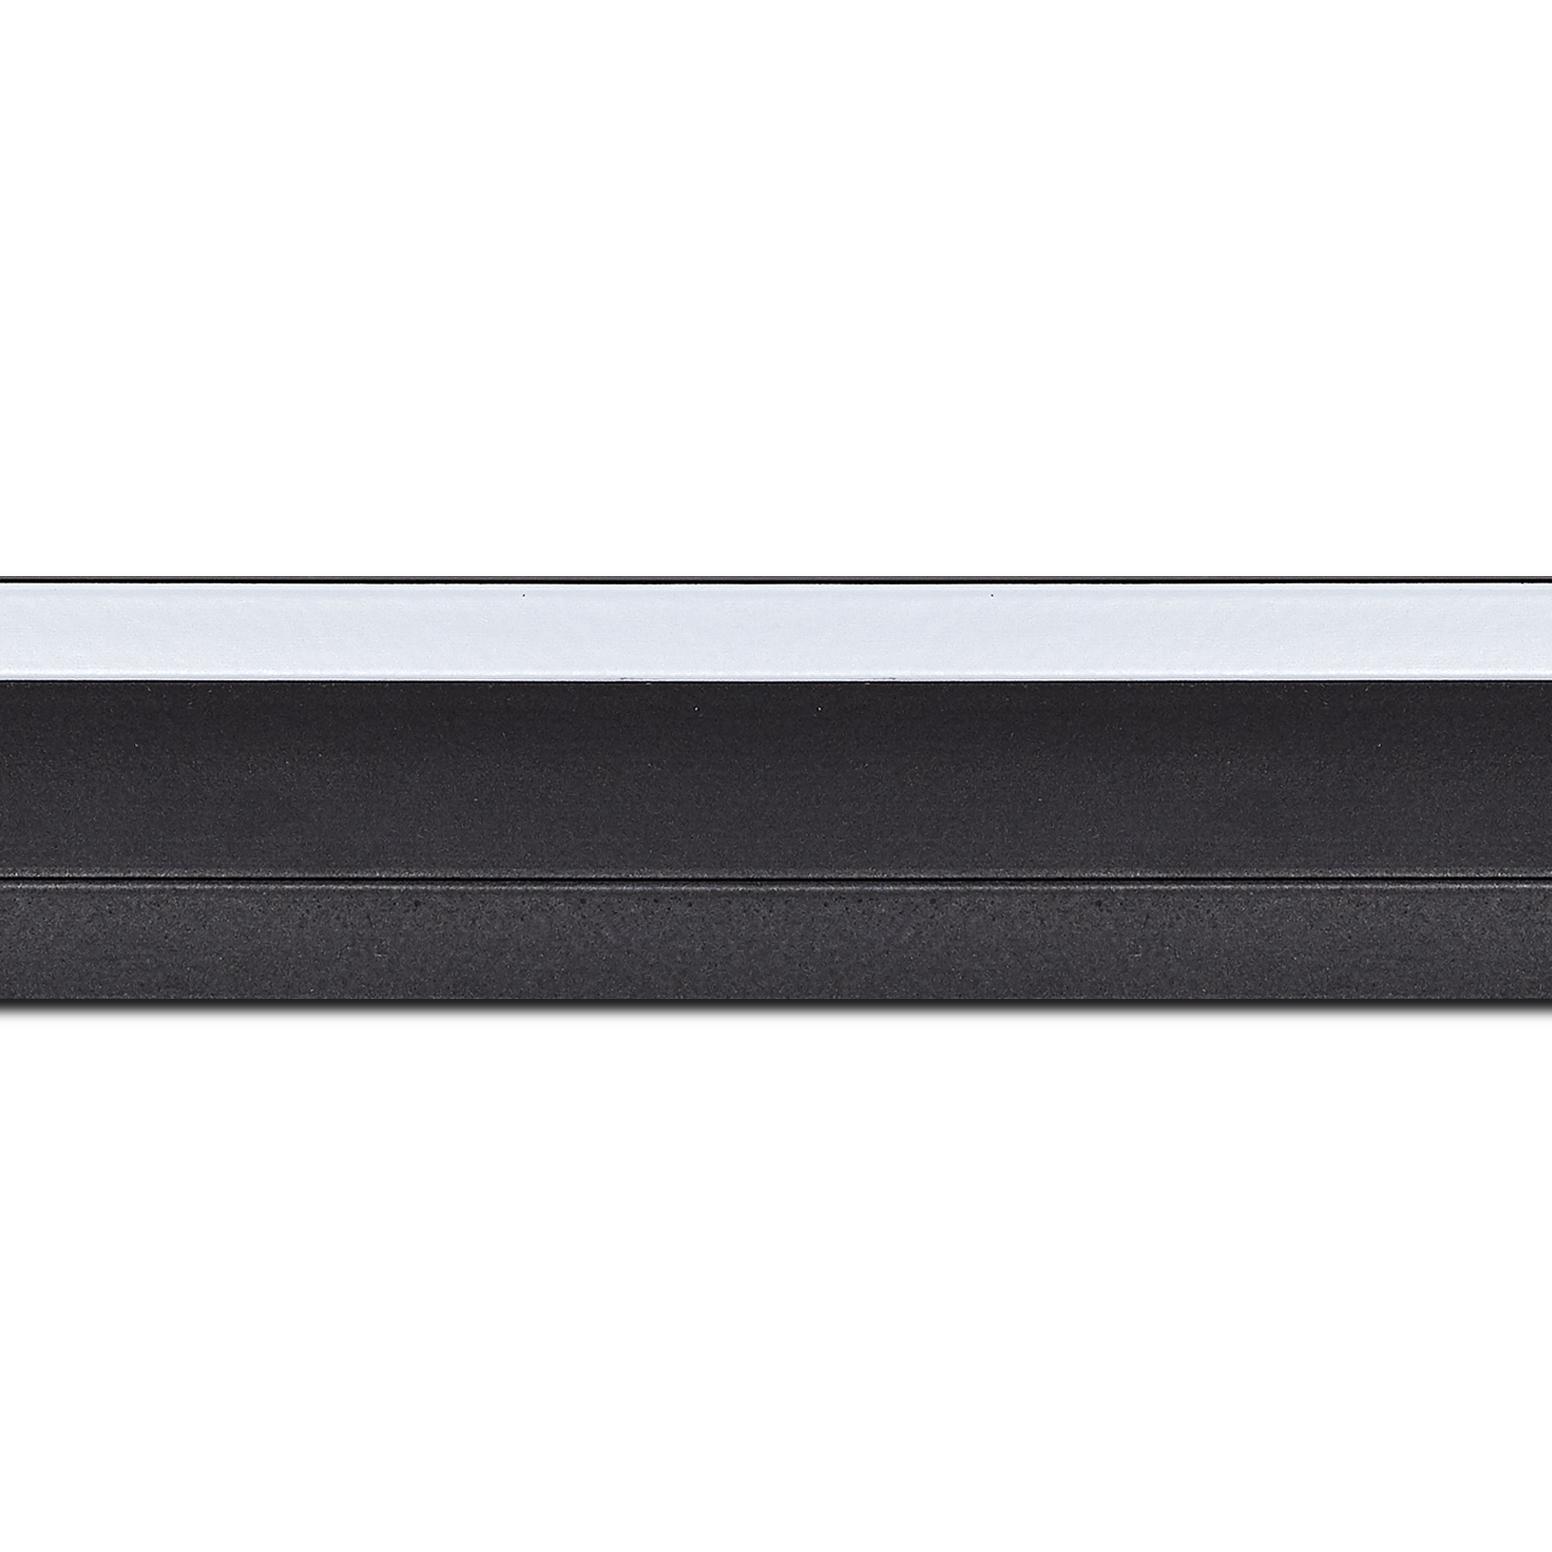 Baguette longueur 1.40m bois caisse américaine profil escalier largeur 4.5cm noir mat filet blanc (spécialement conçu pour les châssis d'une épaisseur jusqu'à 2.5cm )